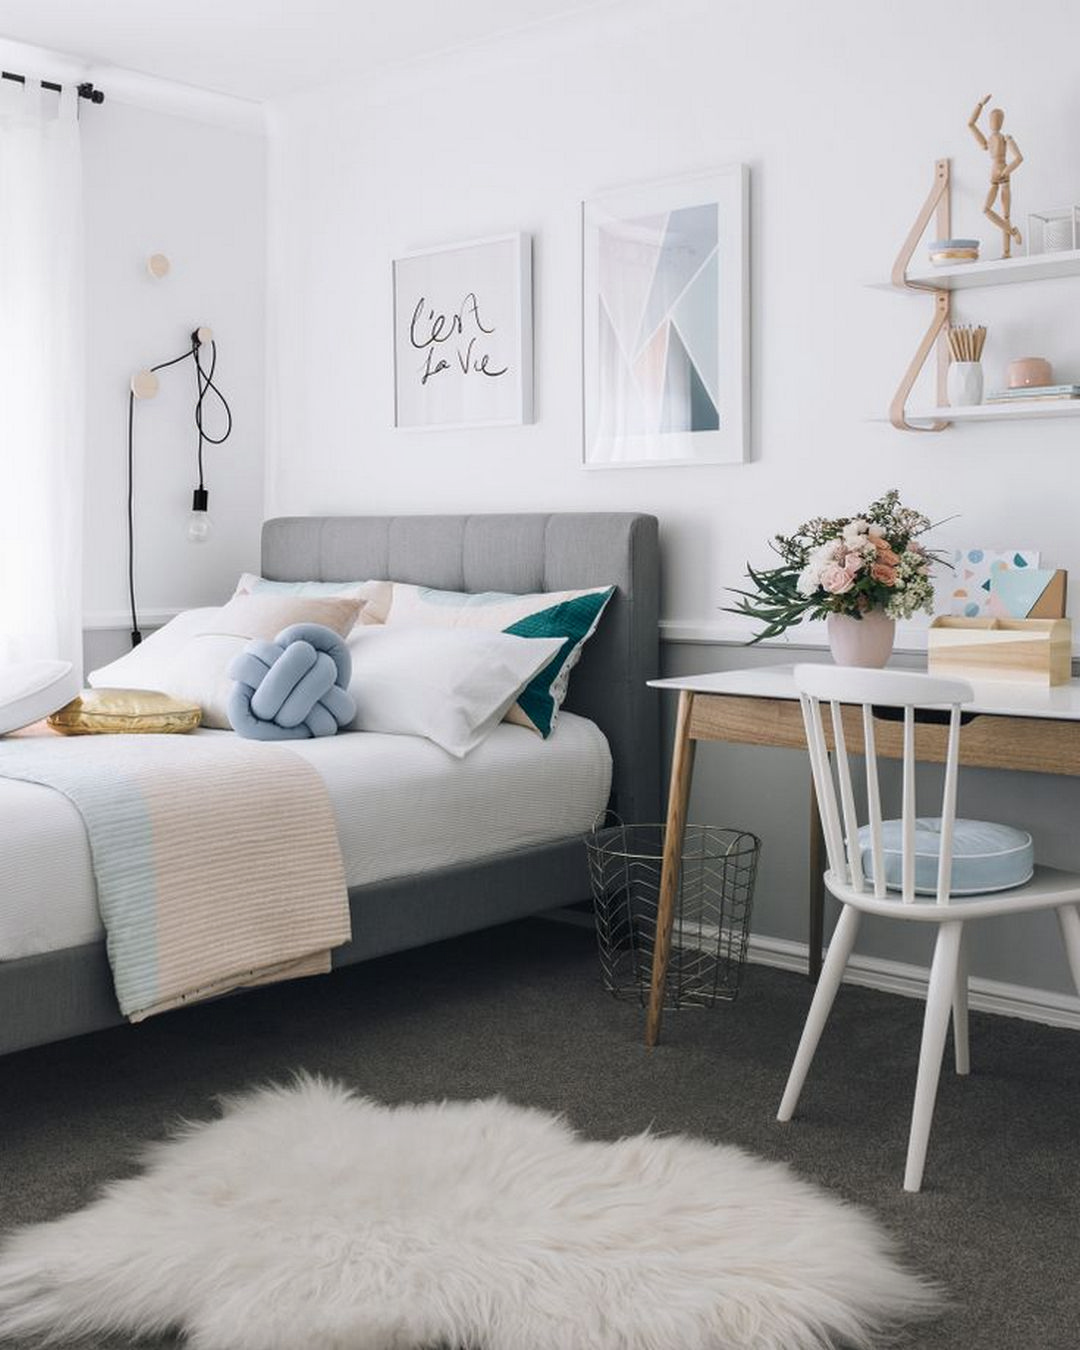 Cool Teenage Bedroom Decoration Idea 24 Teenage Room Decor Bedroom Makeover Bedroom Decor